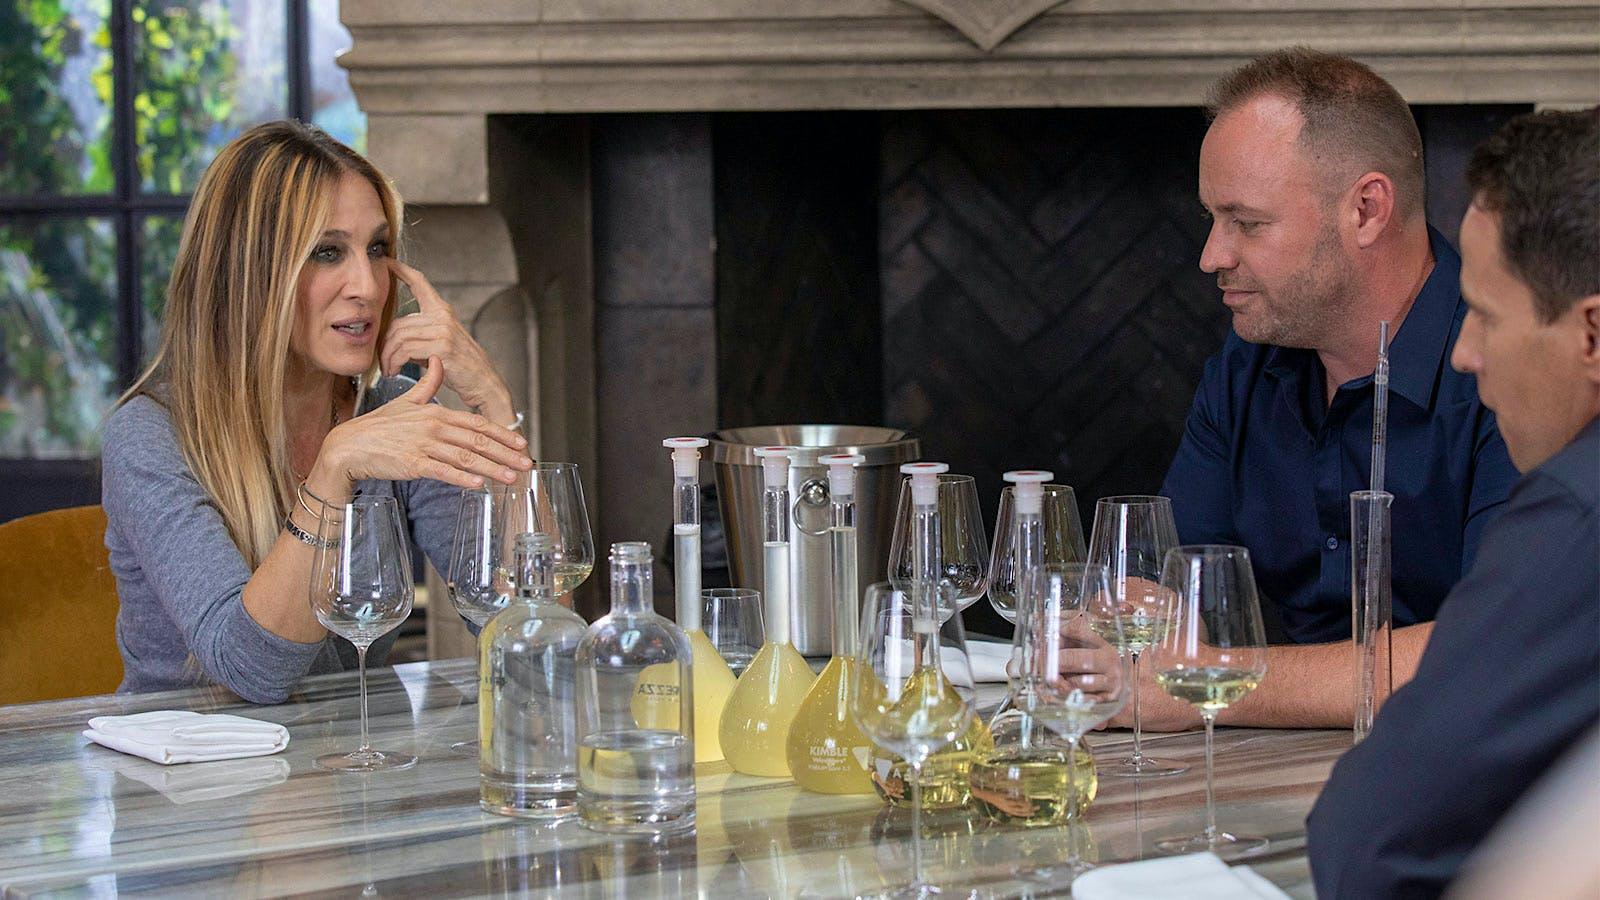 Wine Talk: Sarah Jessica Parker's New Wine